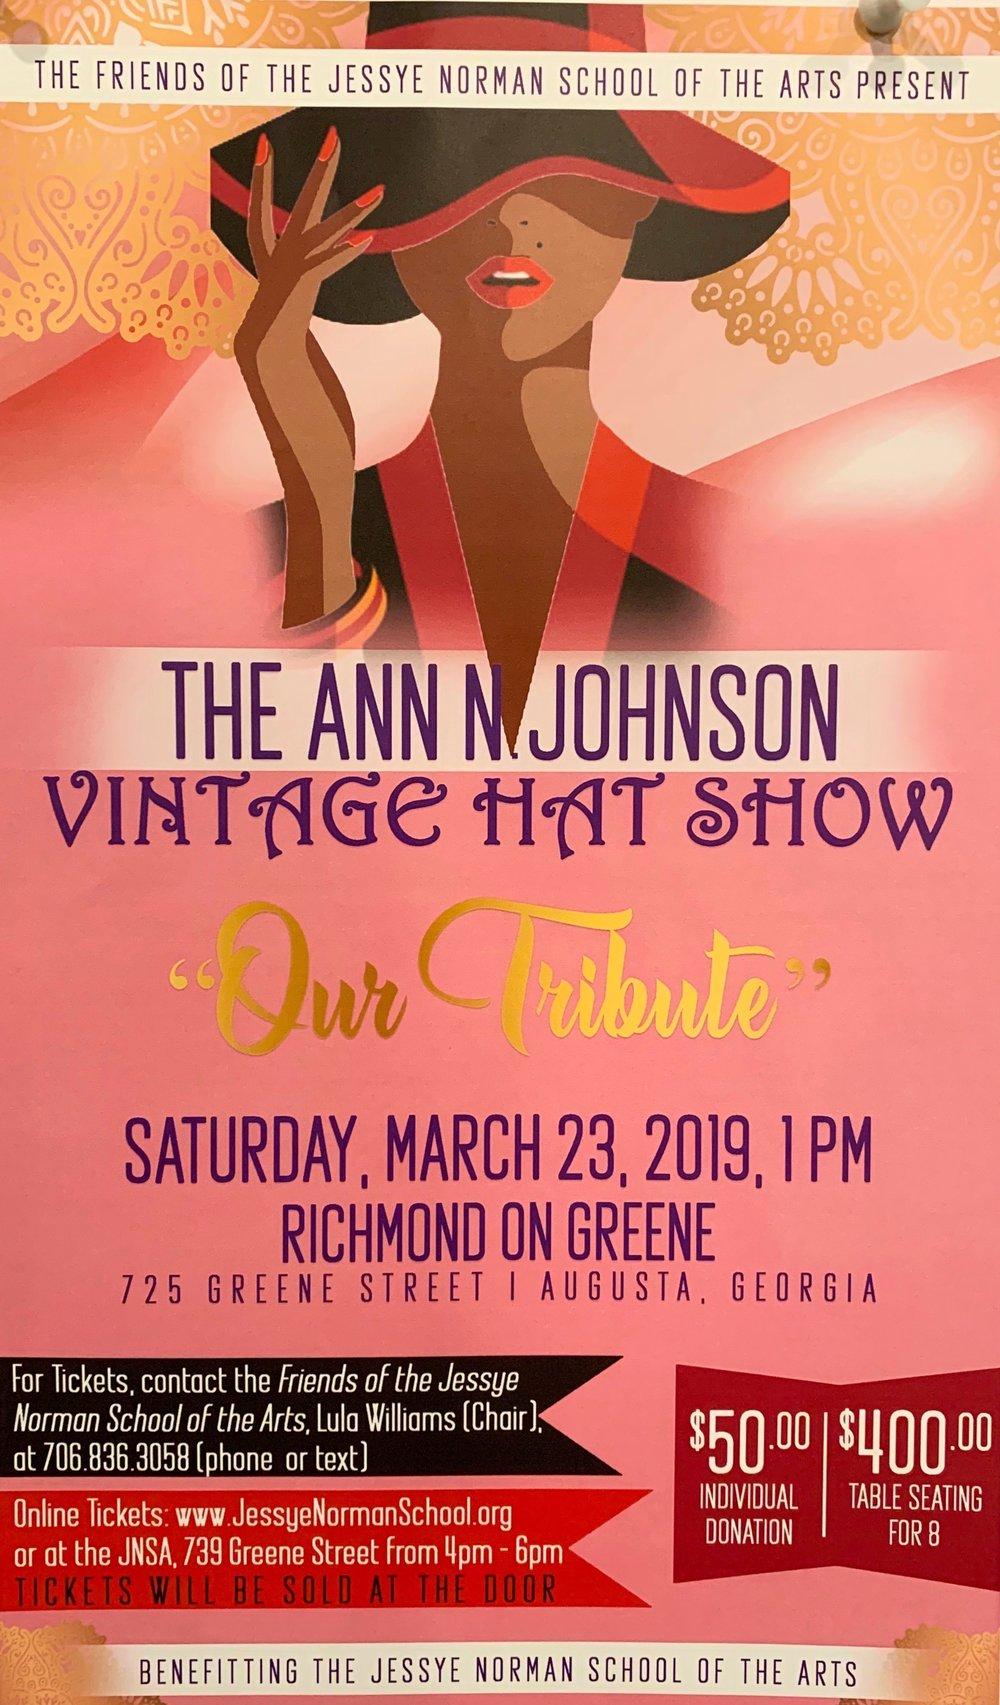 Ann Johnson Hat Show